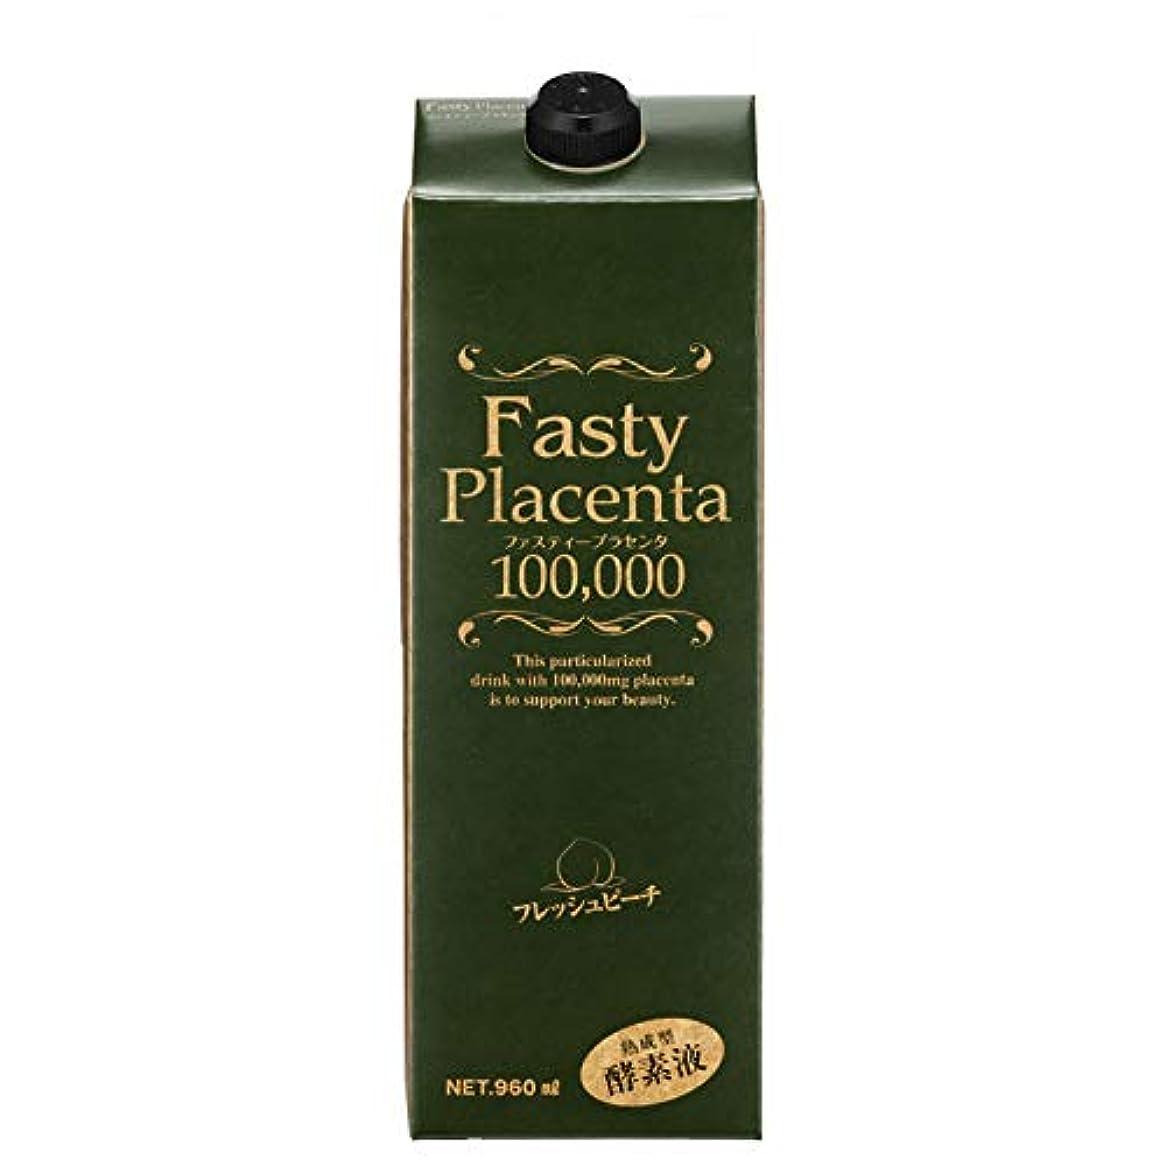 伝えるベーリング海峡つま先ファスティープラセンタ100,000 増量パック(フレッシュピーチ味)1個